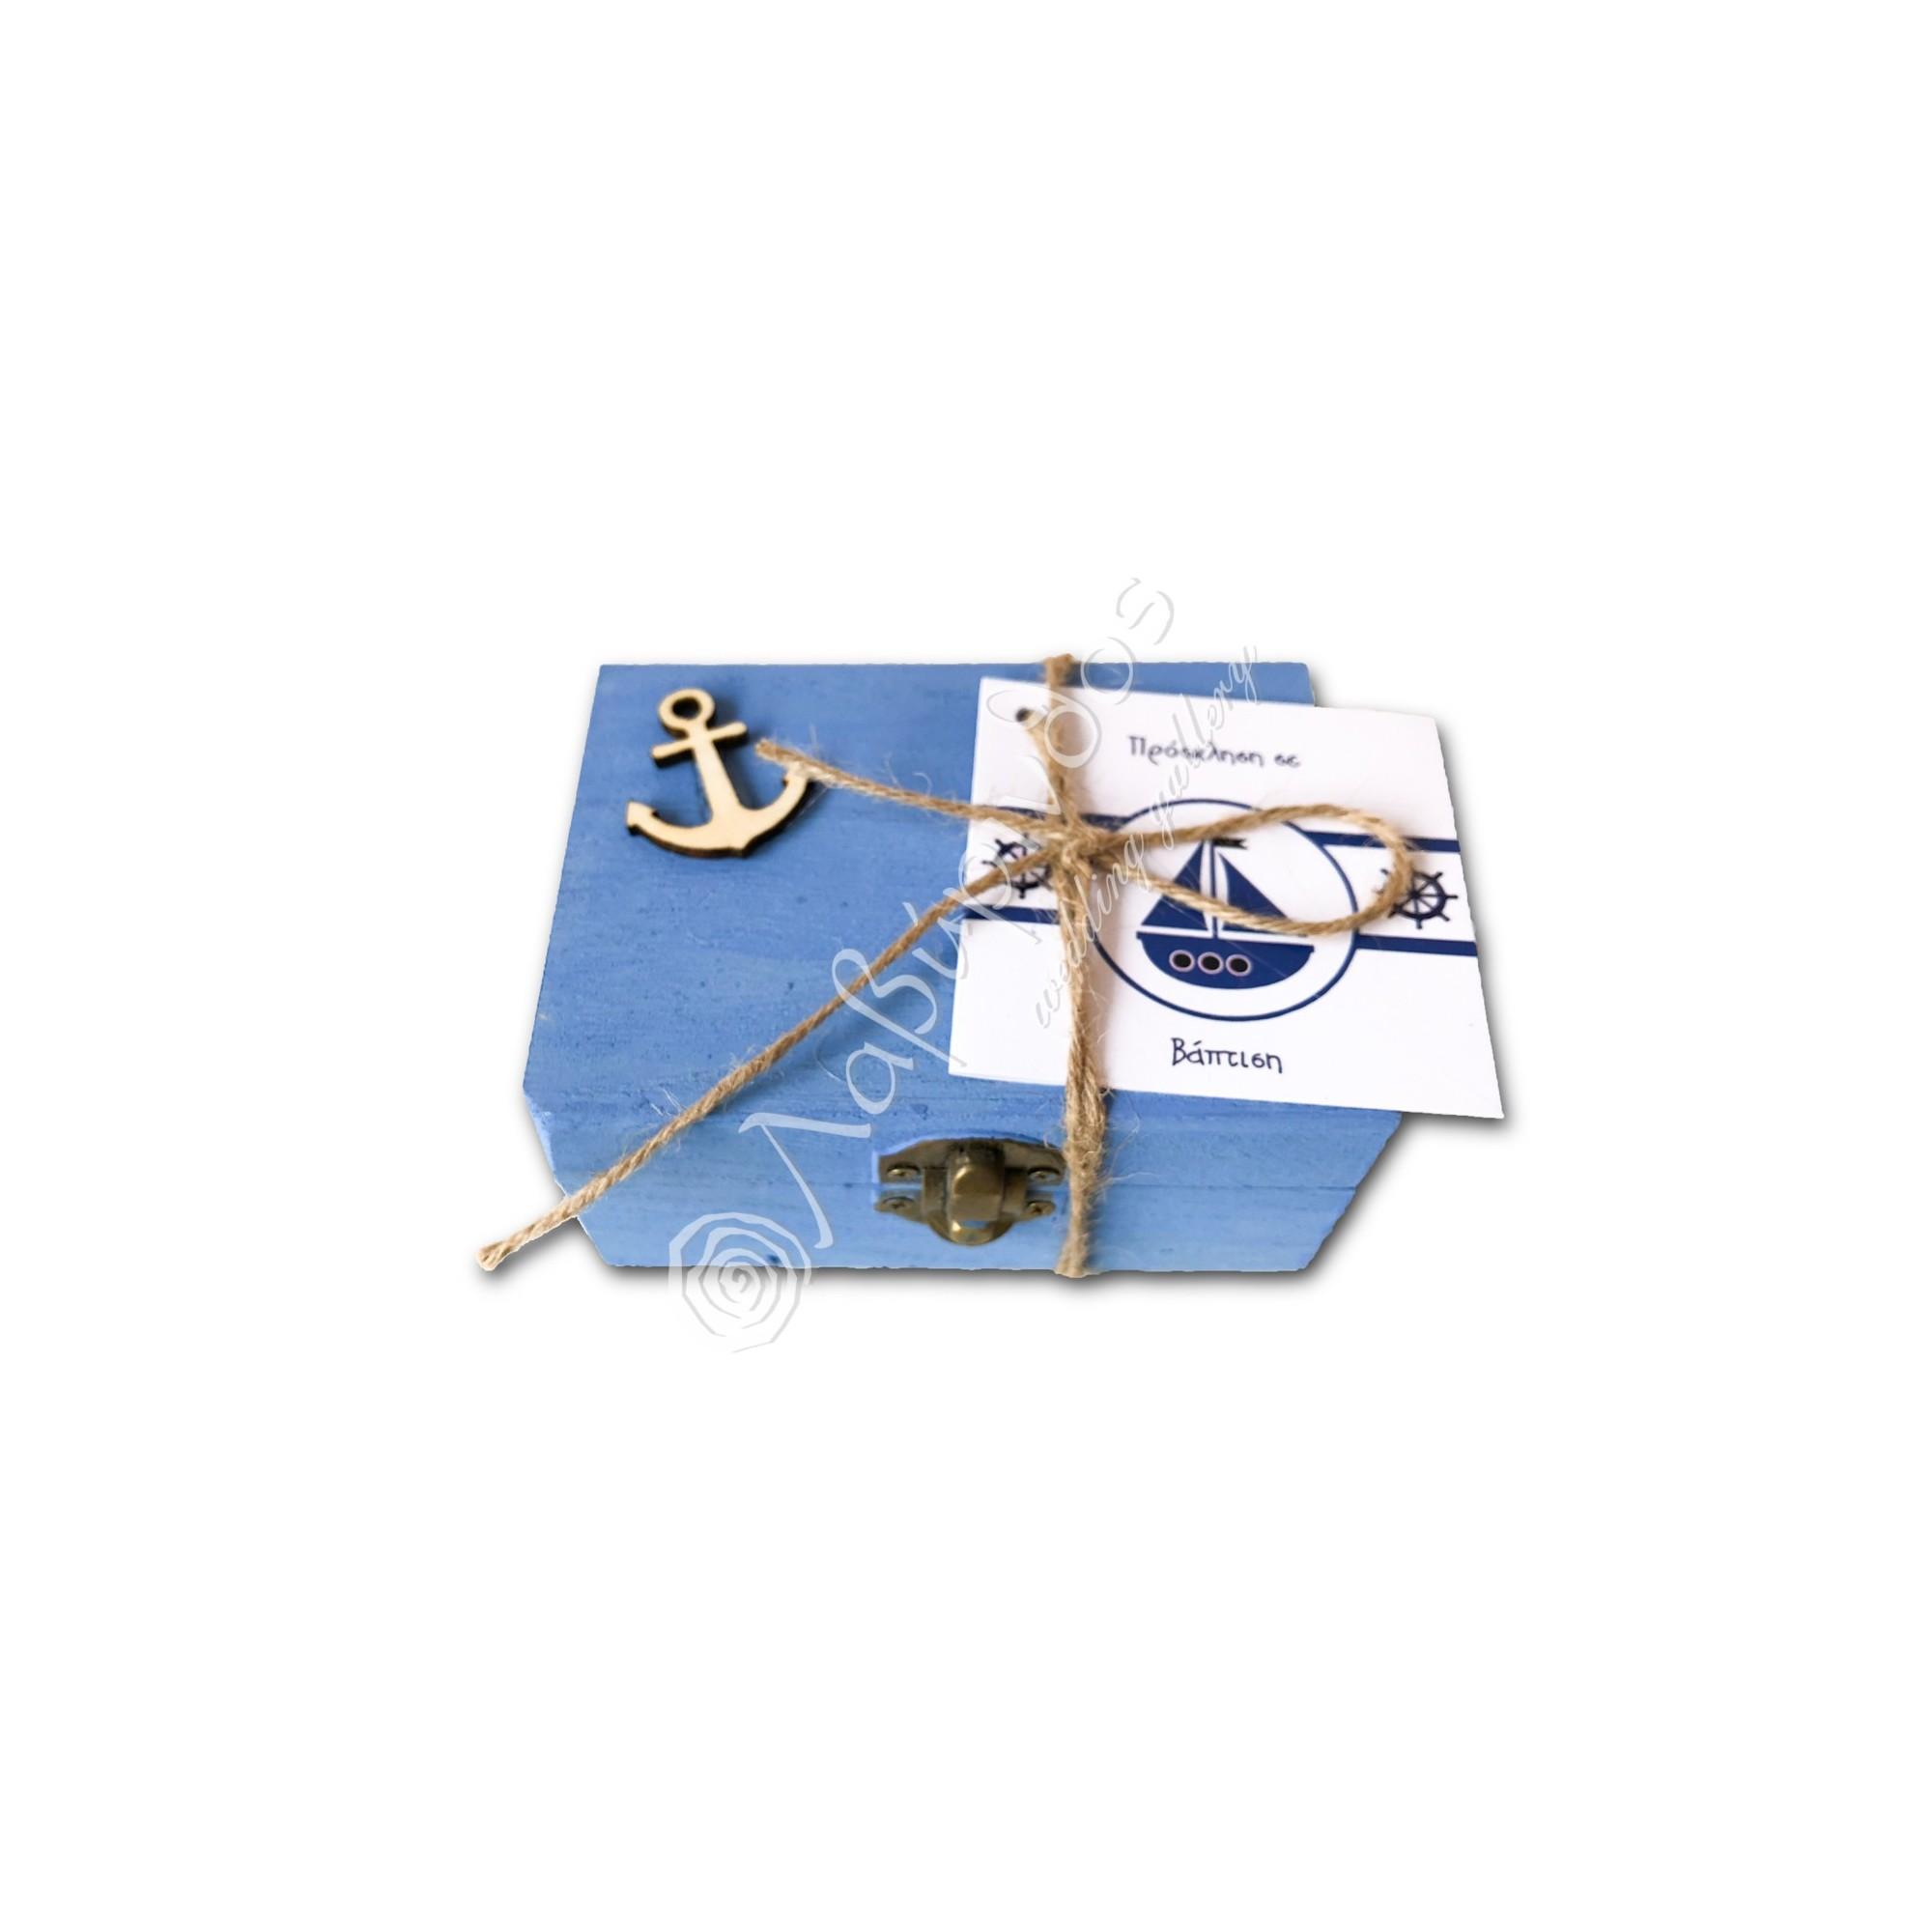 Μπομπονιέρα Βάπτισης ξύλινο κουτάκι - LWG-12281